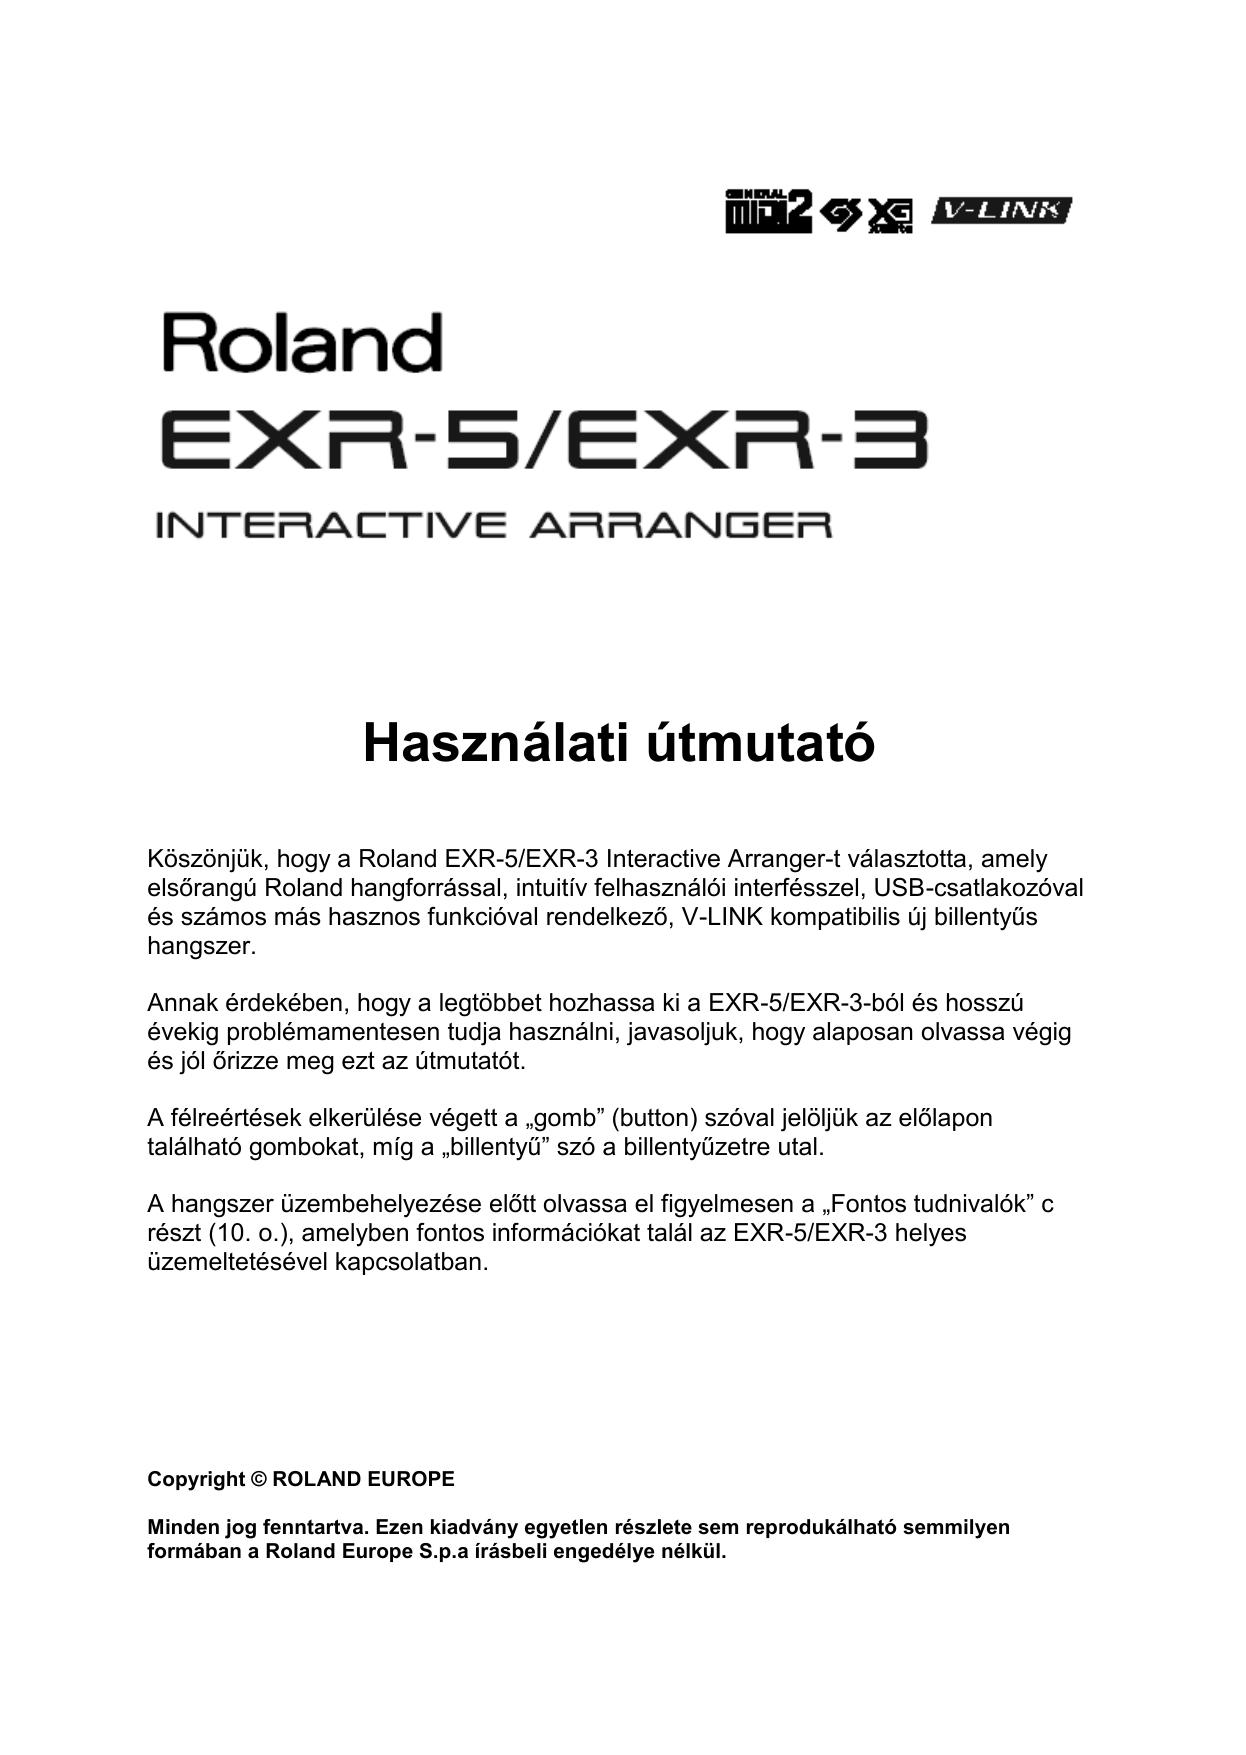 FRAXIPARINE NE/0,6 ml oldatos injekció - Gyógyszerkereső - Hákeszthelyipiac.hu